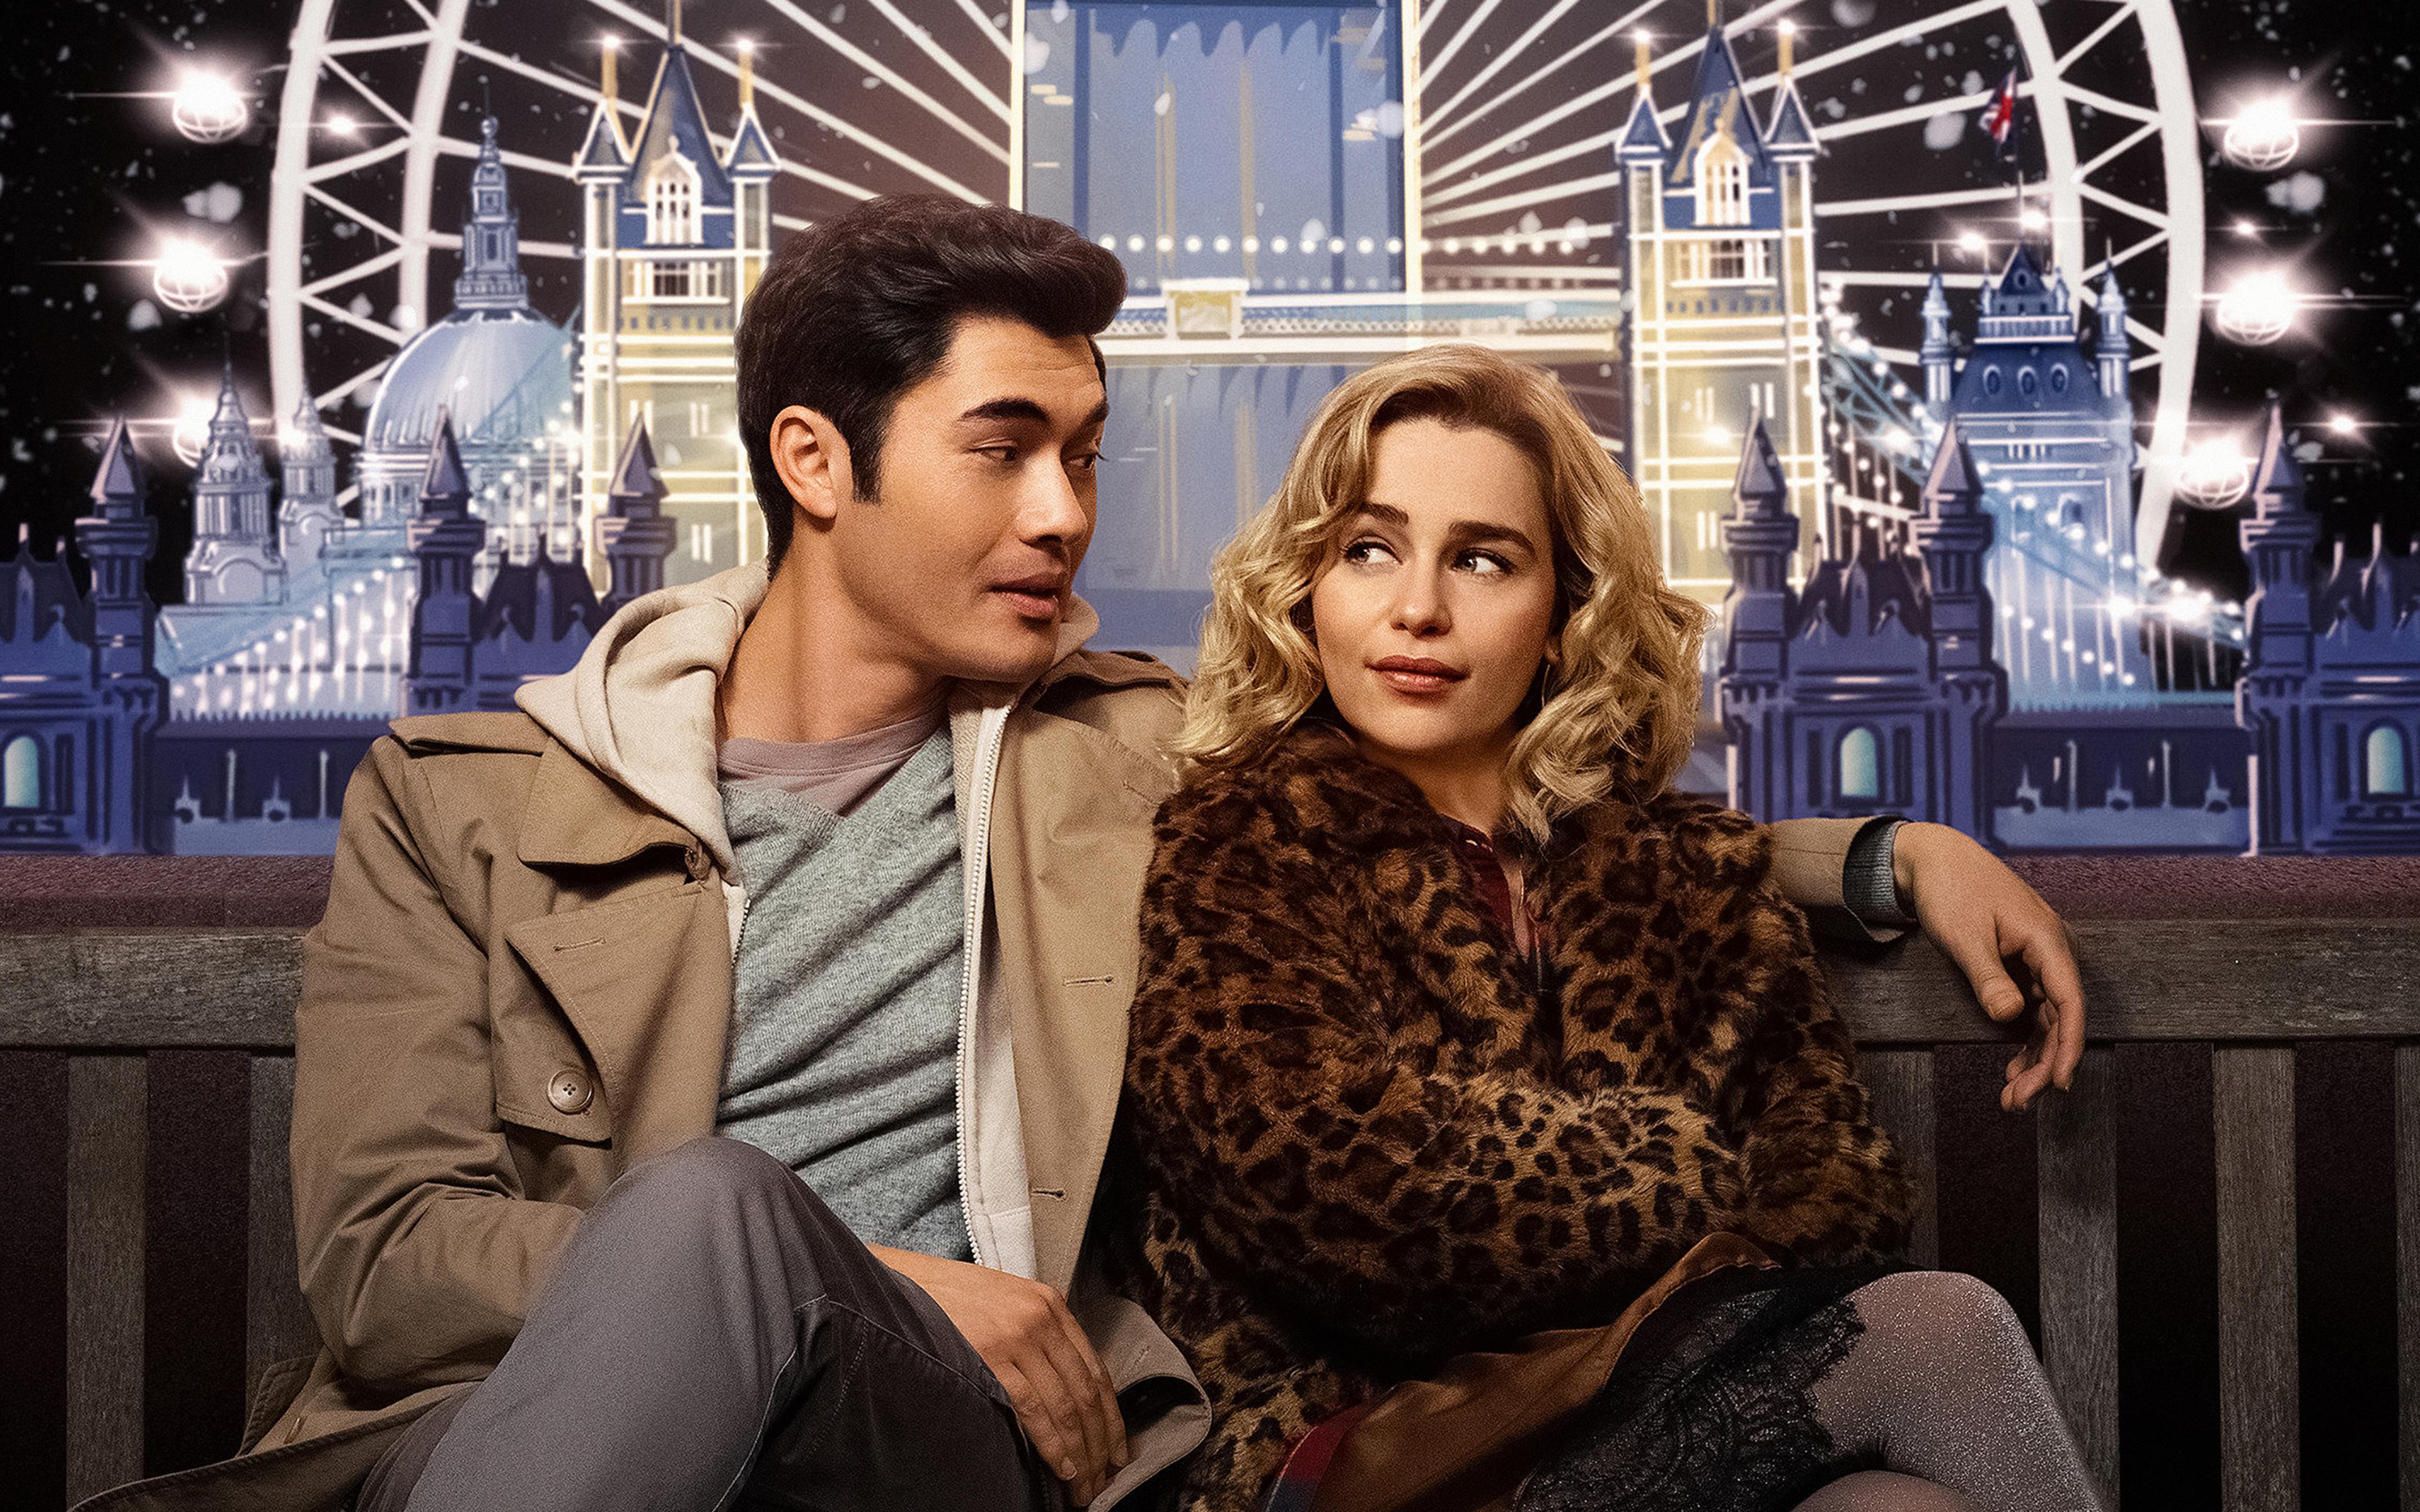 Fondos de pantalla Emilia Clarke y Henry Golding en Last Christmas